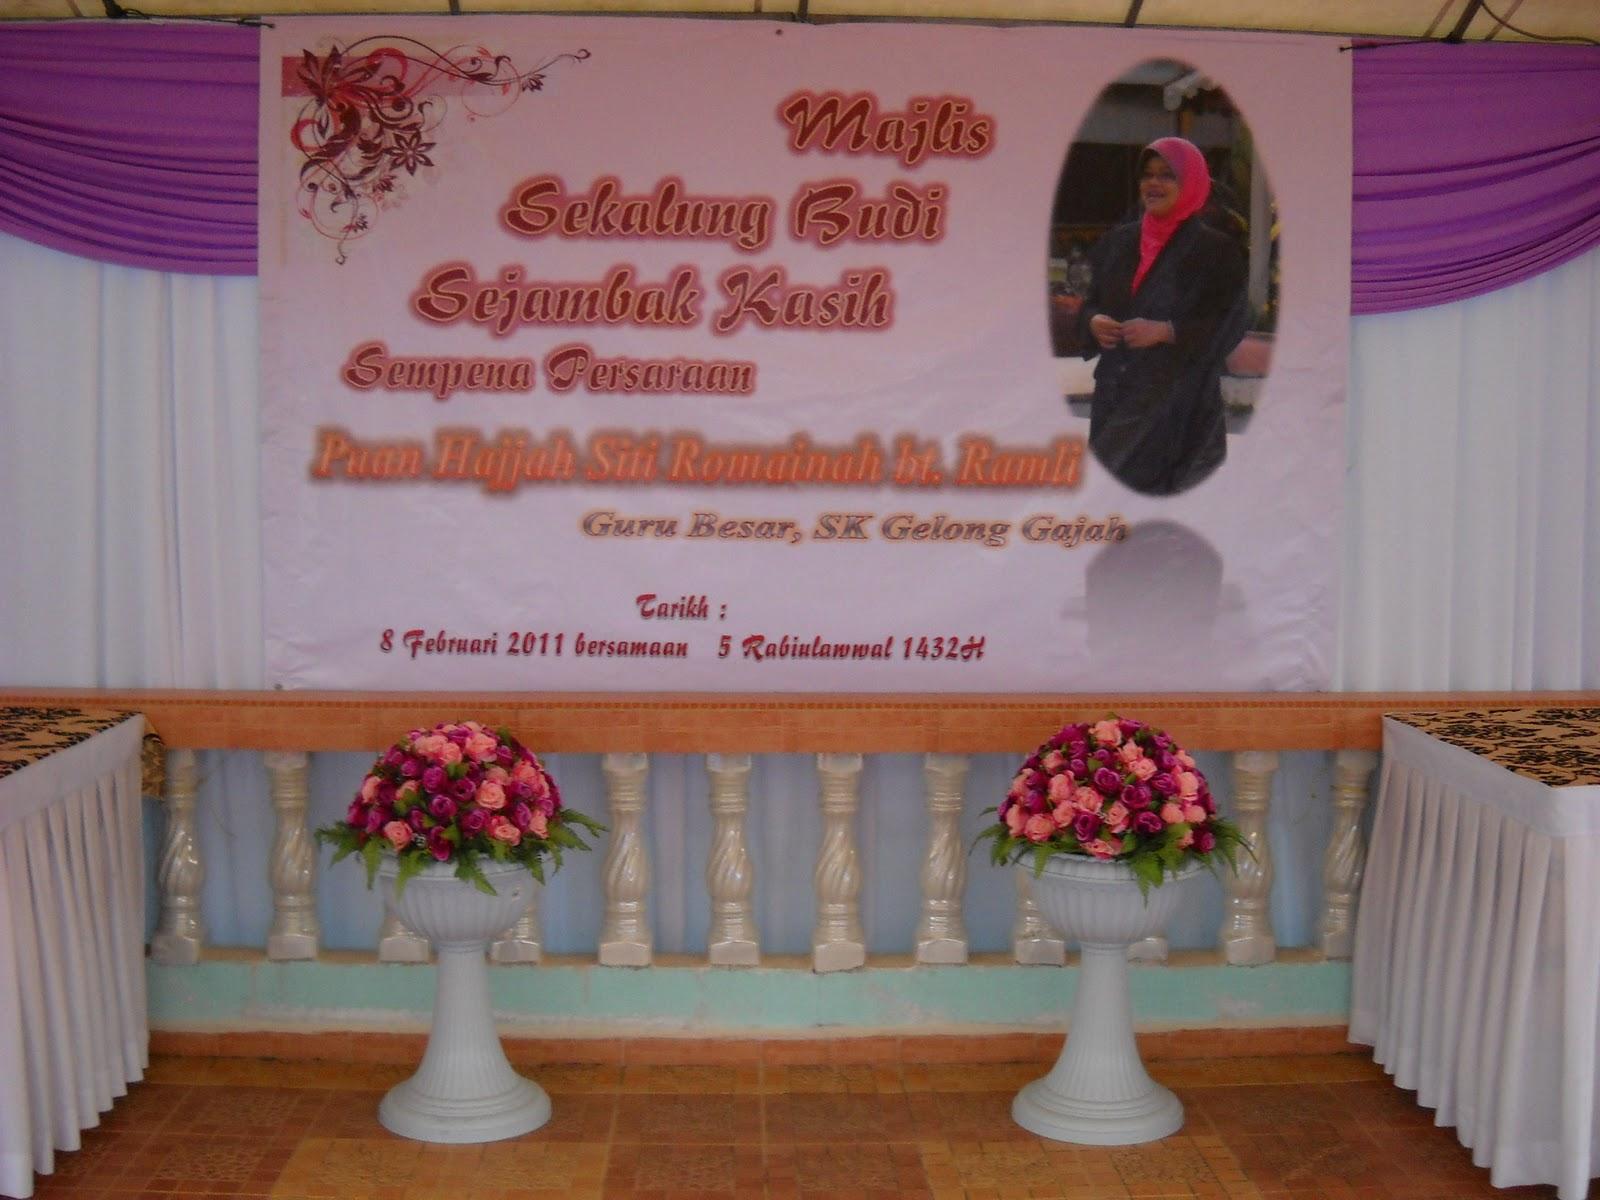 Majlis Sekalung Budi Sejambak Kasih Sempena Persaraan Guru Besar